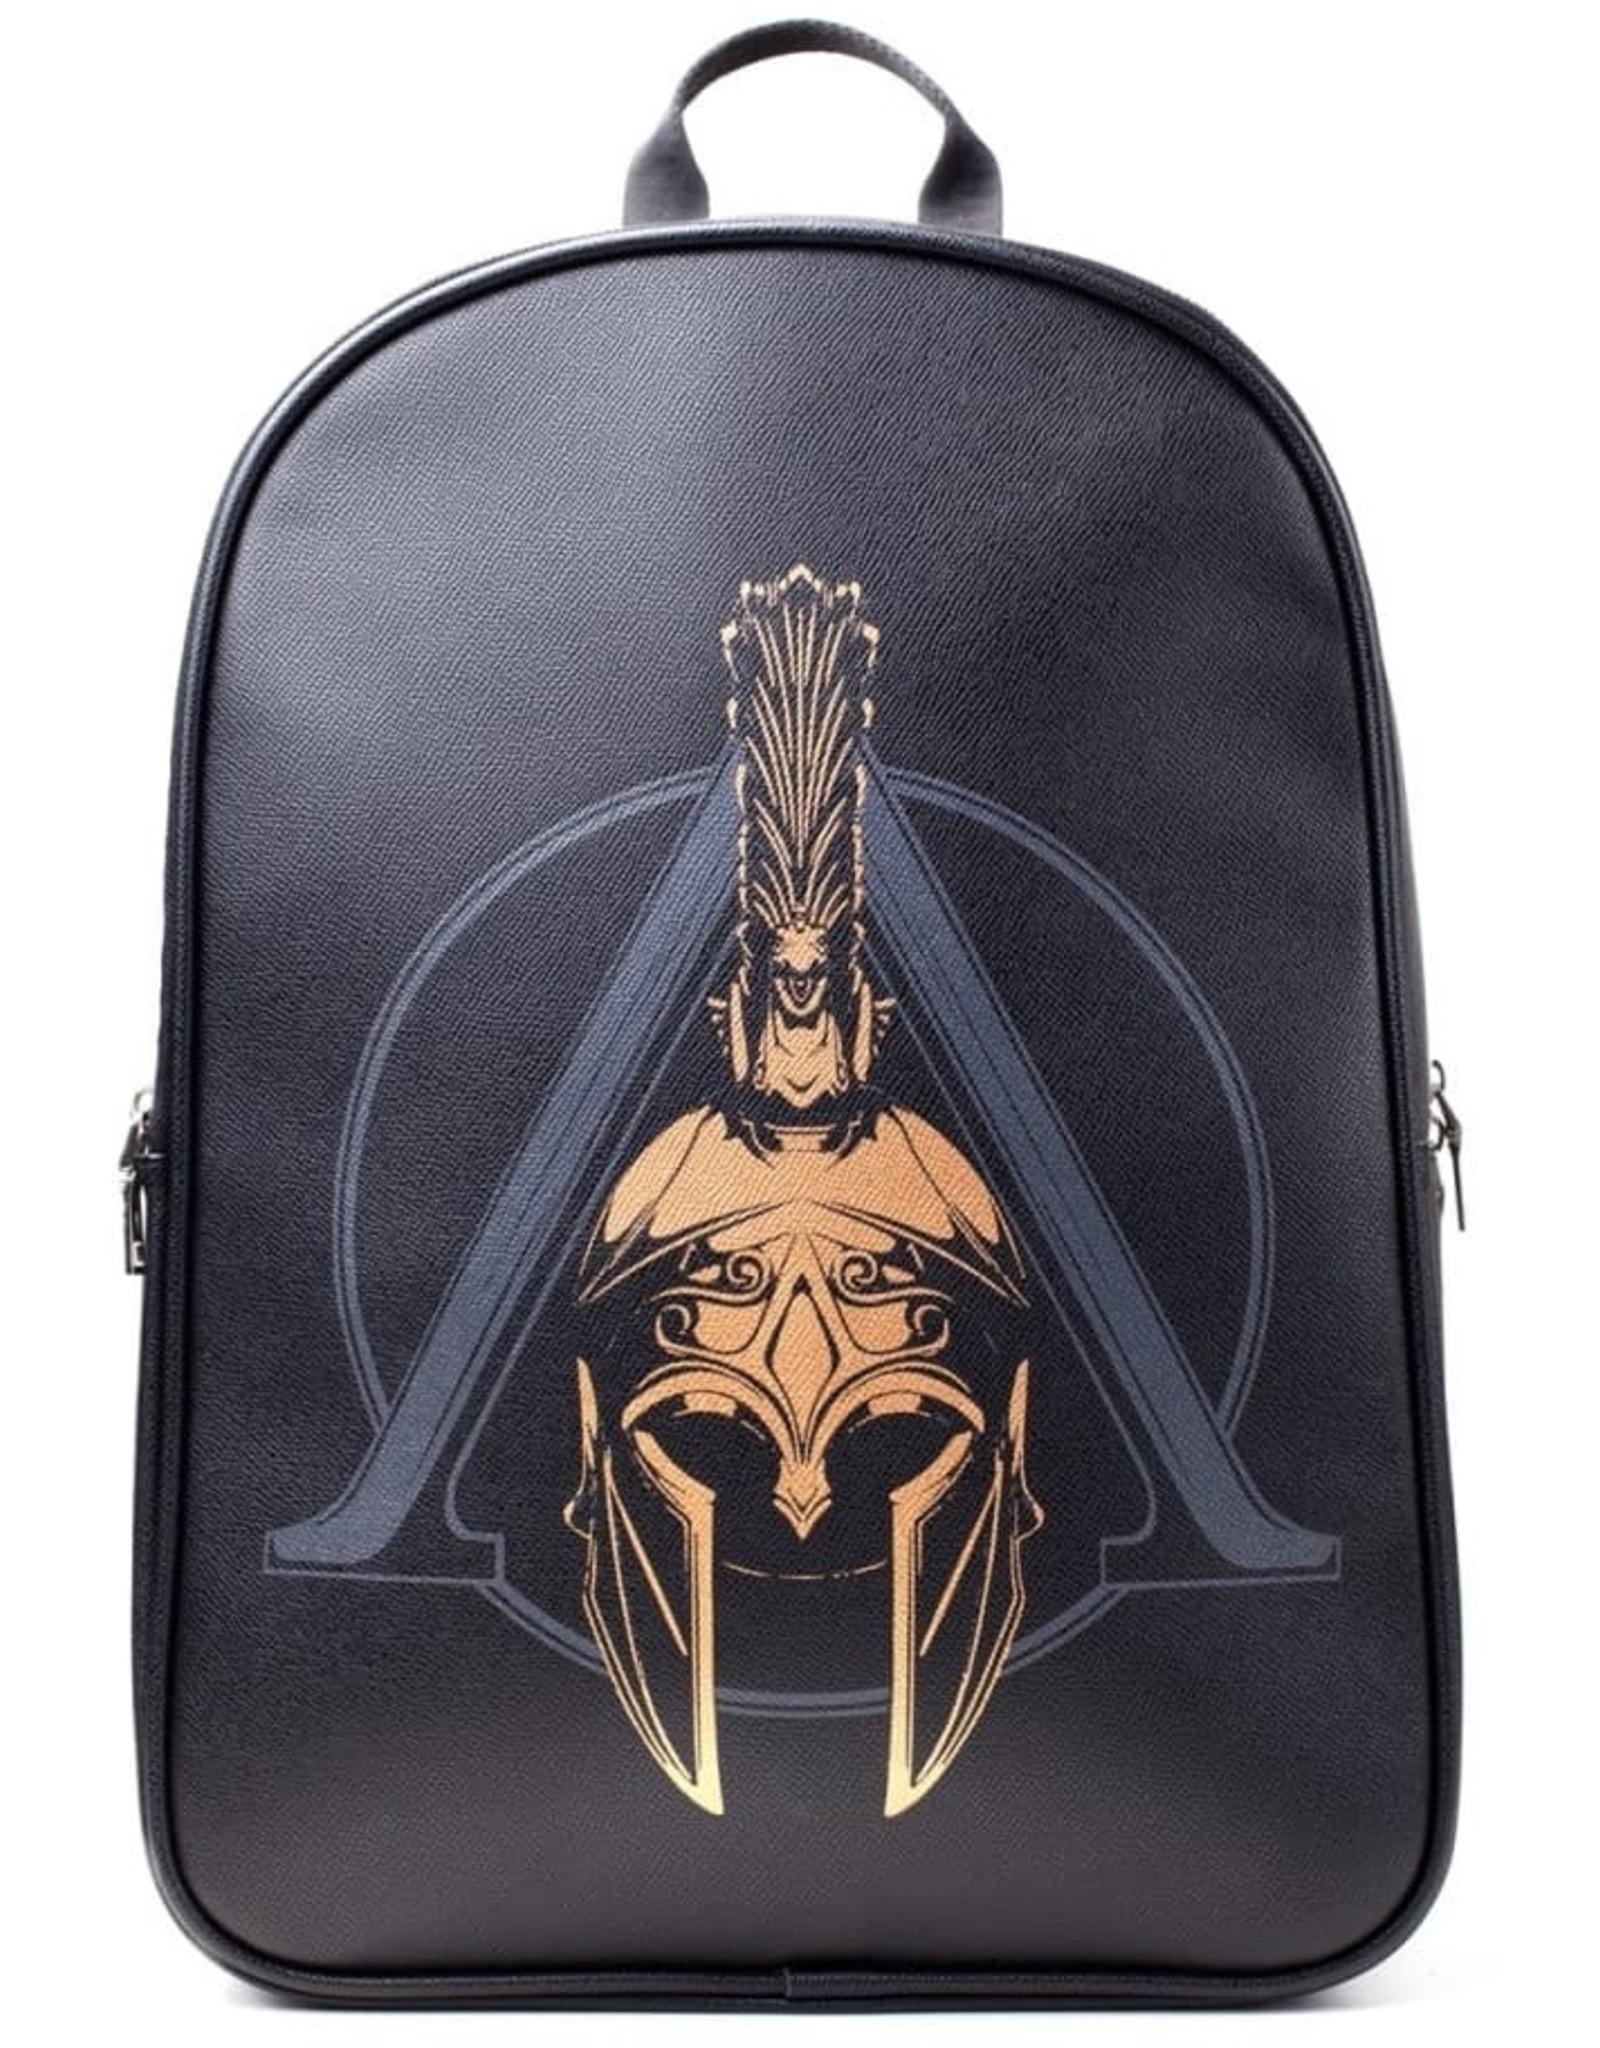 Assassins Creed Merchandise rugzakken - Assassin's Creed Odyssey rugzak